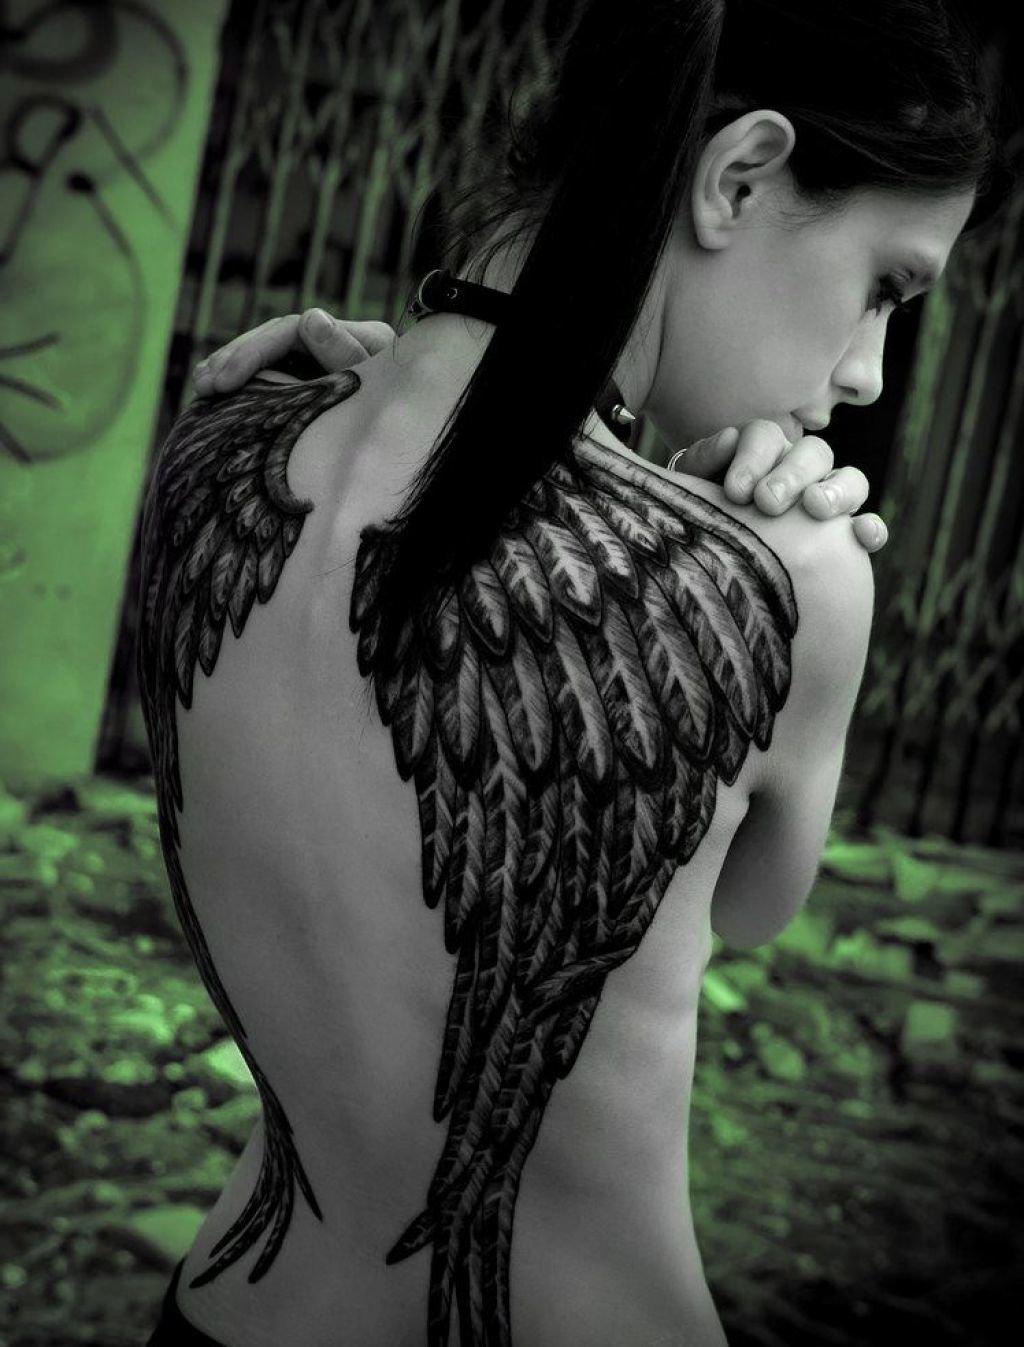 Картинки девушек с татуировкой крылья